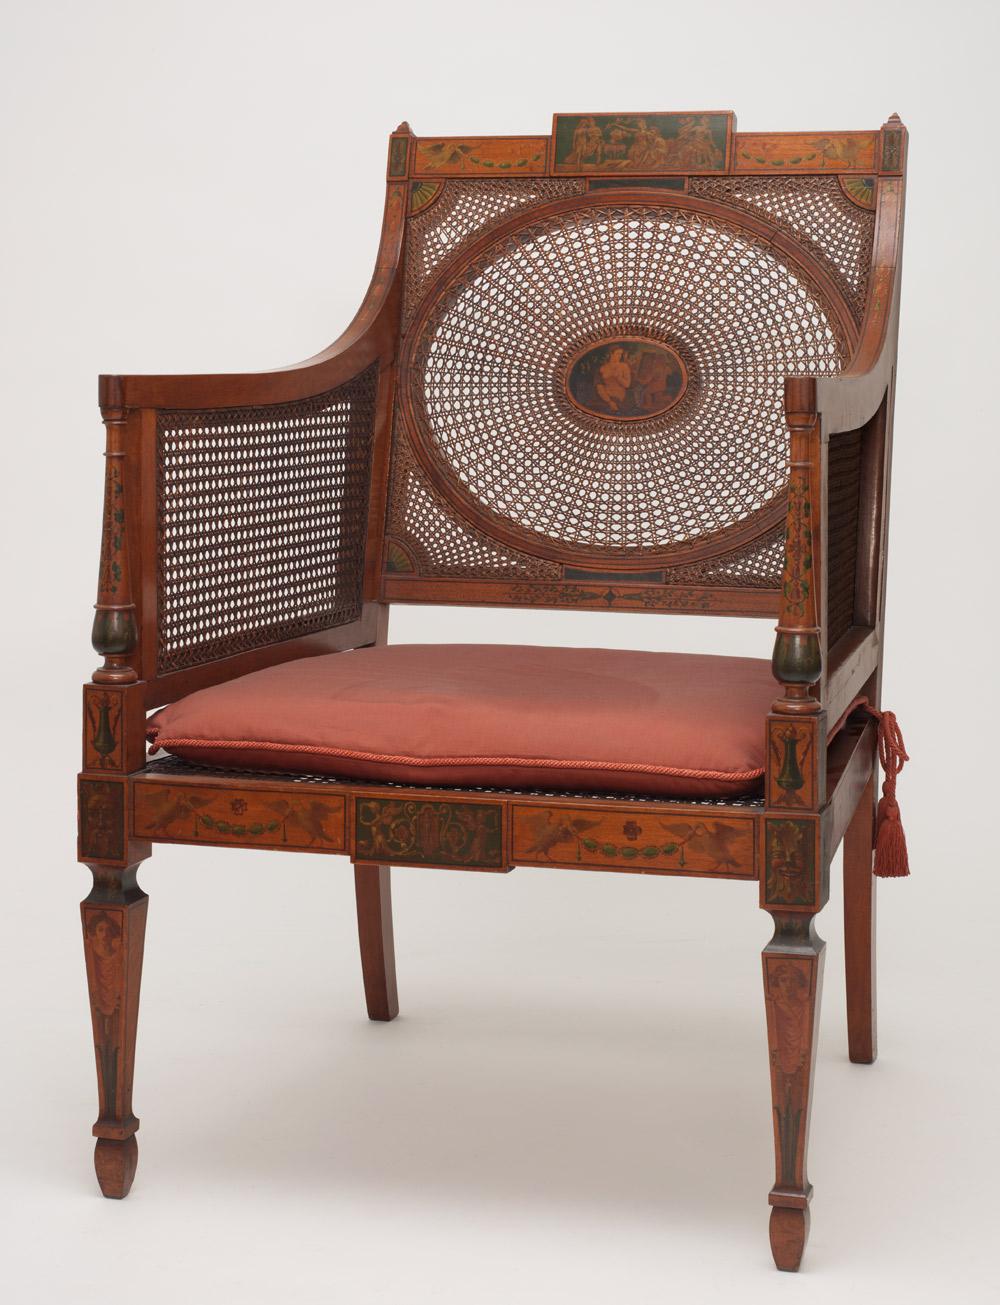 Bryson Burroughs and Willard Parker Little Armchair